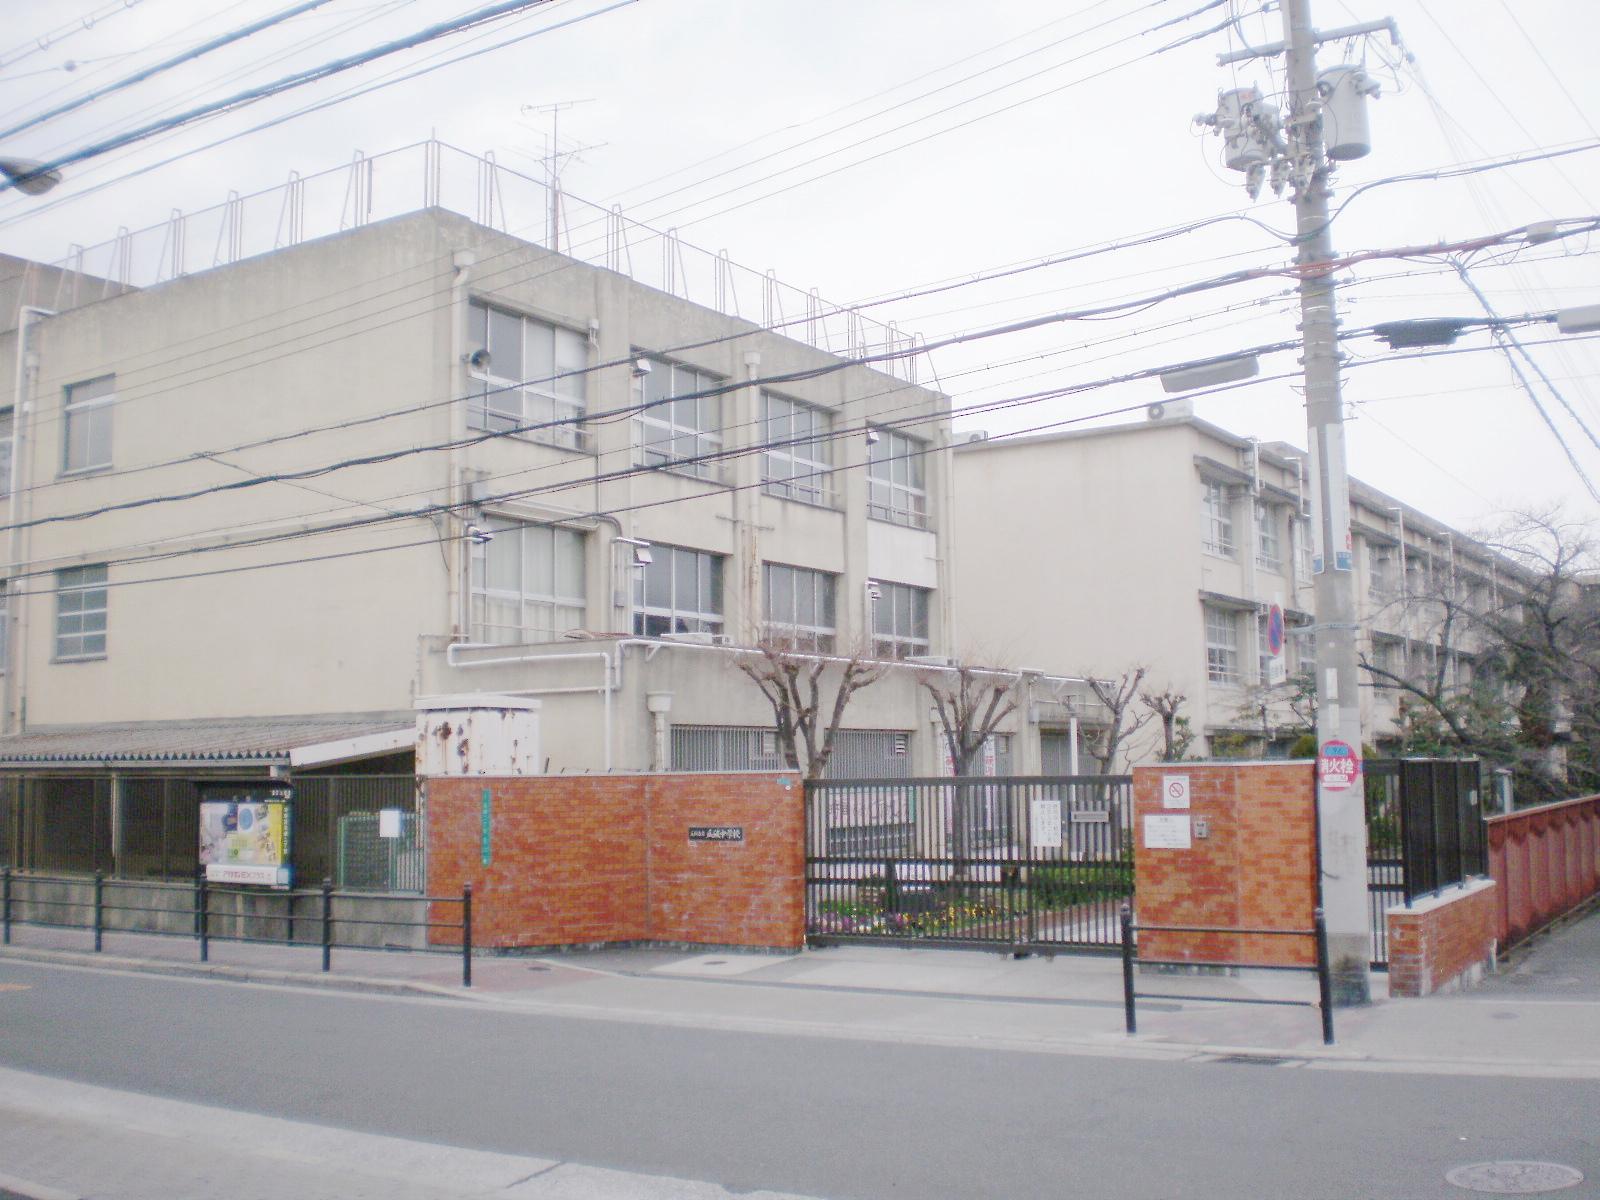 中学校 大阪市立瓜破中学校(中学校)まで506m